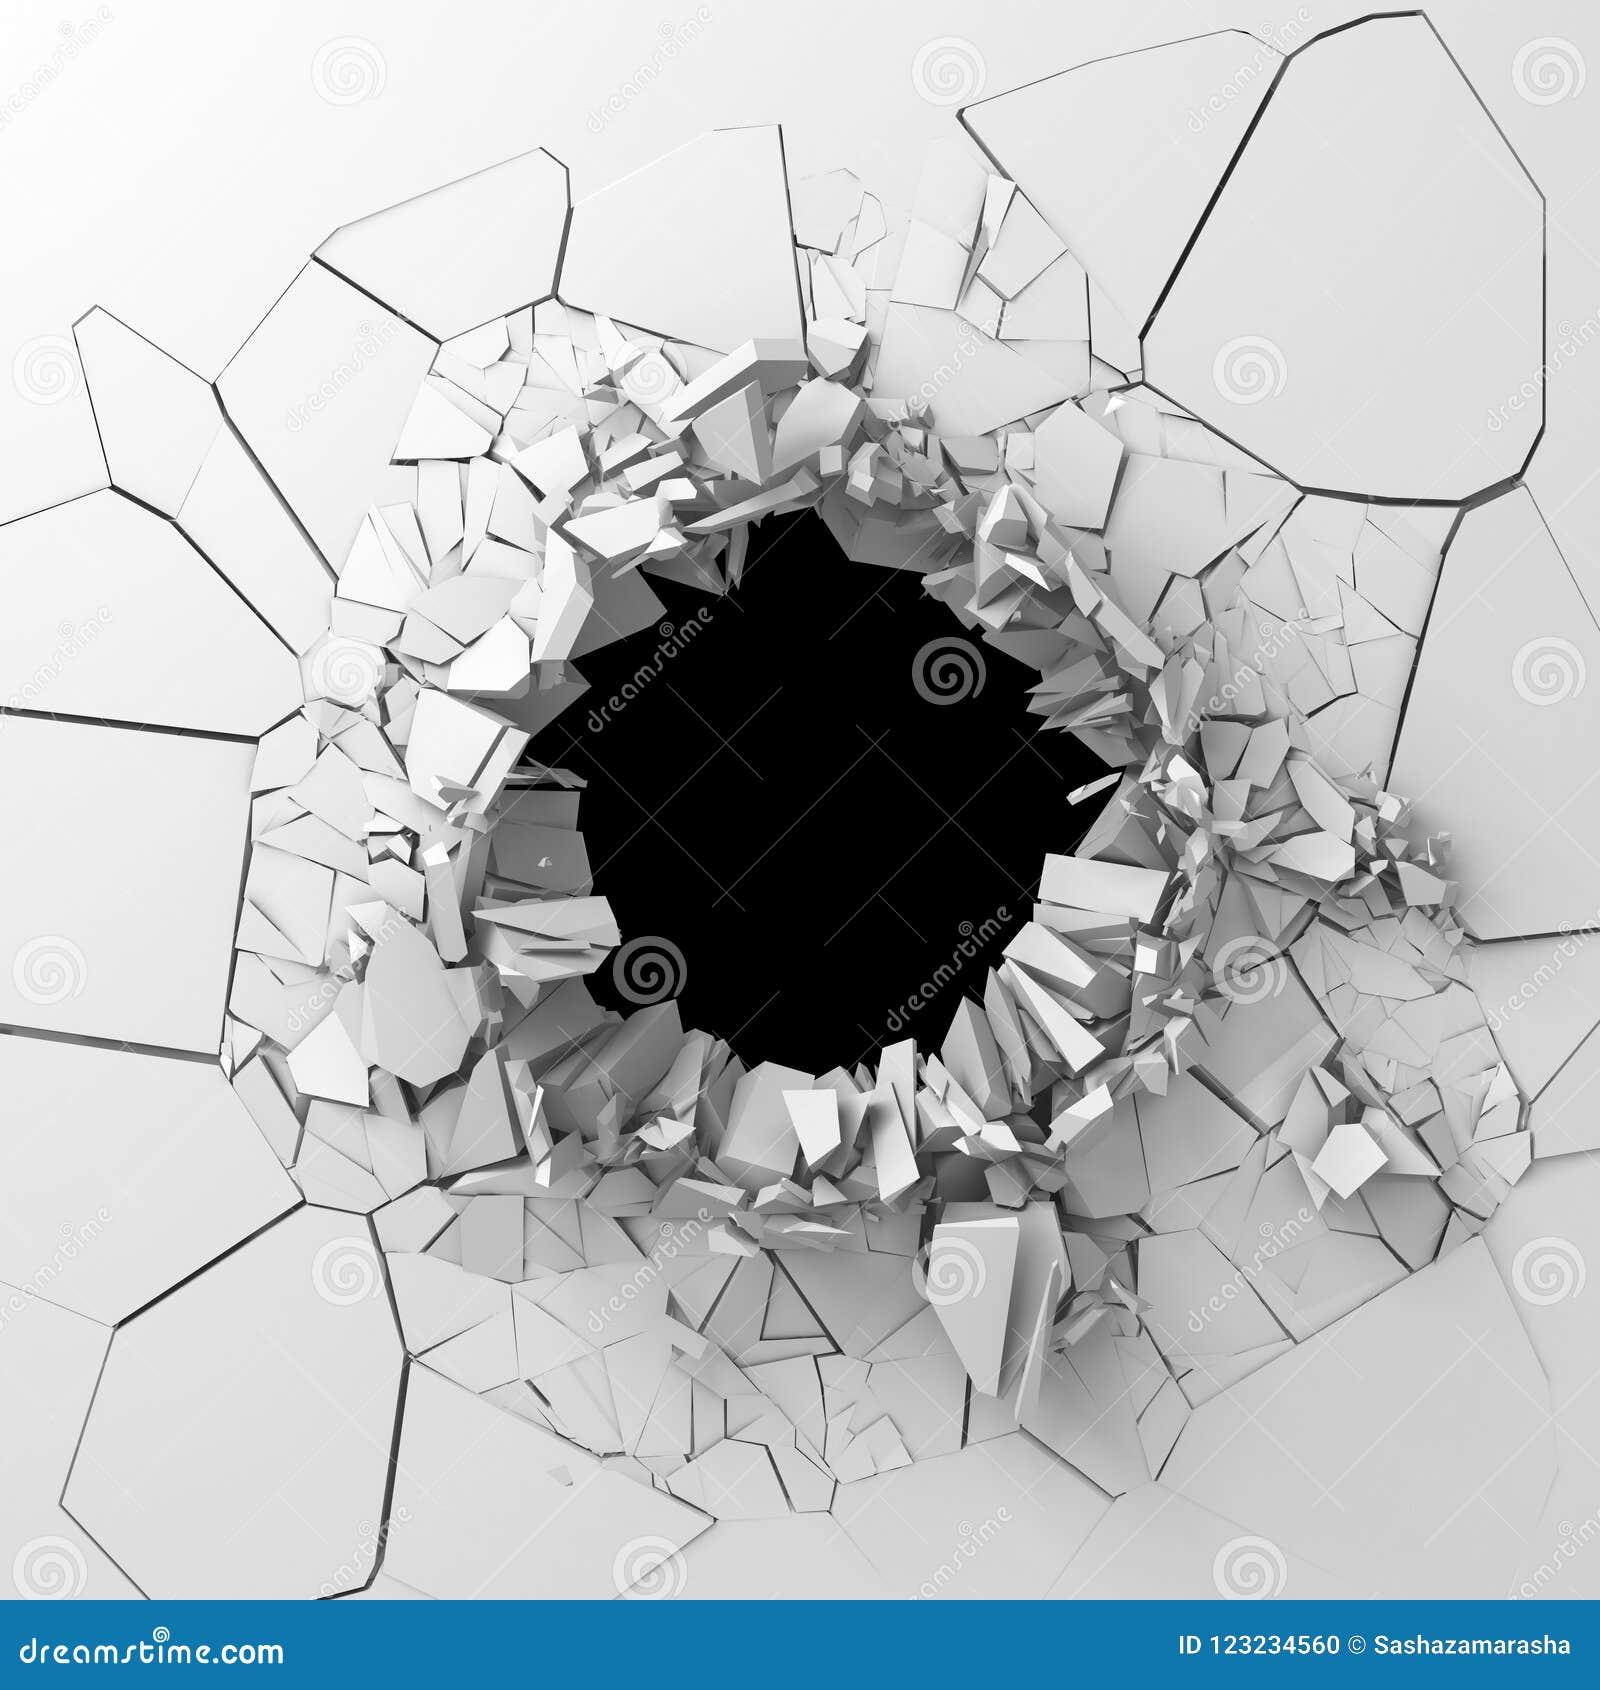 la destruction fonc e a fendu le trou dans le mur en. Black Bedroom Furniture Sets. Home Design Ideas